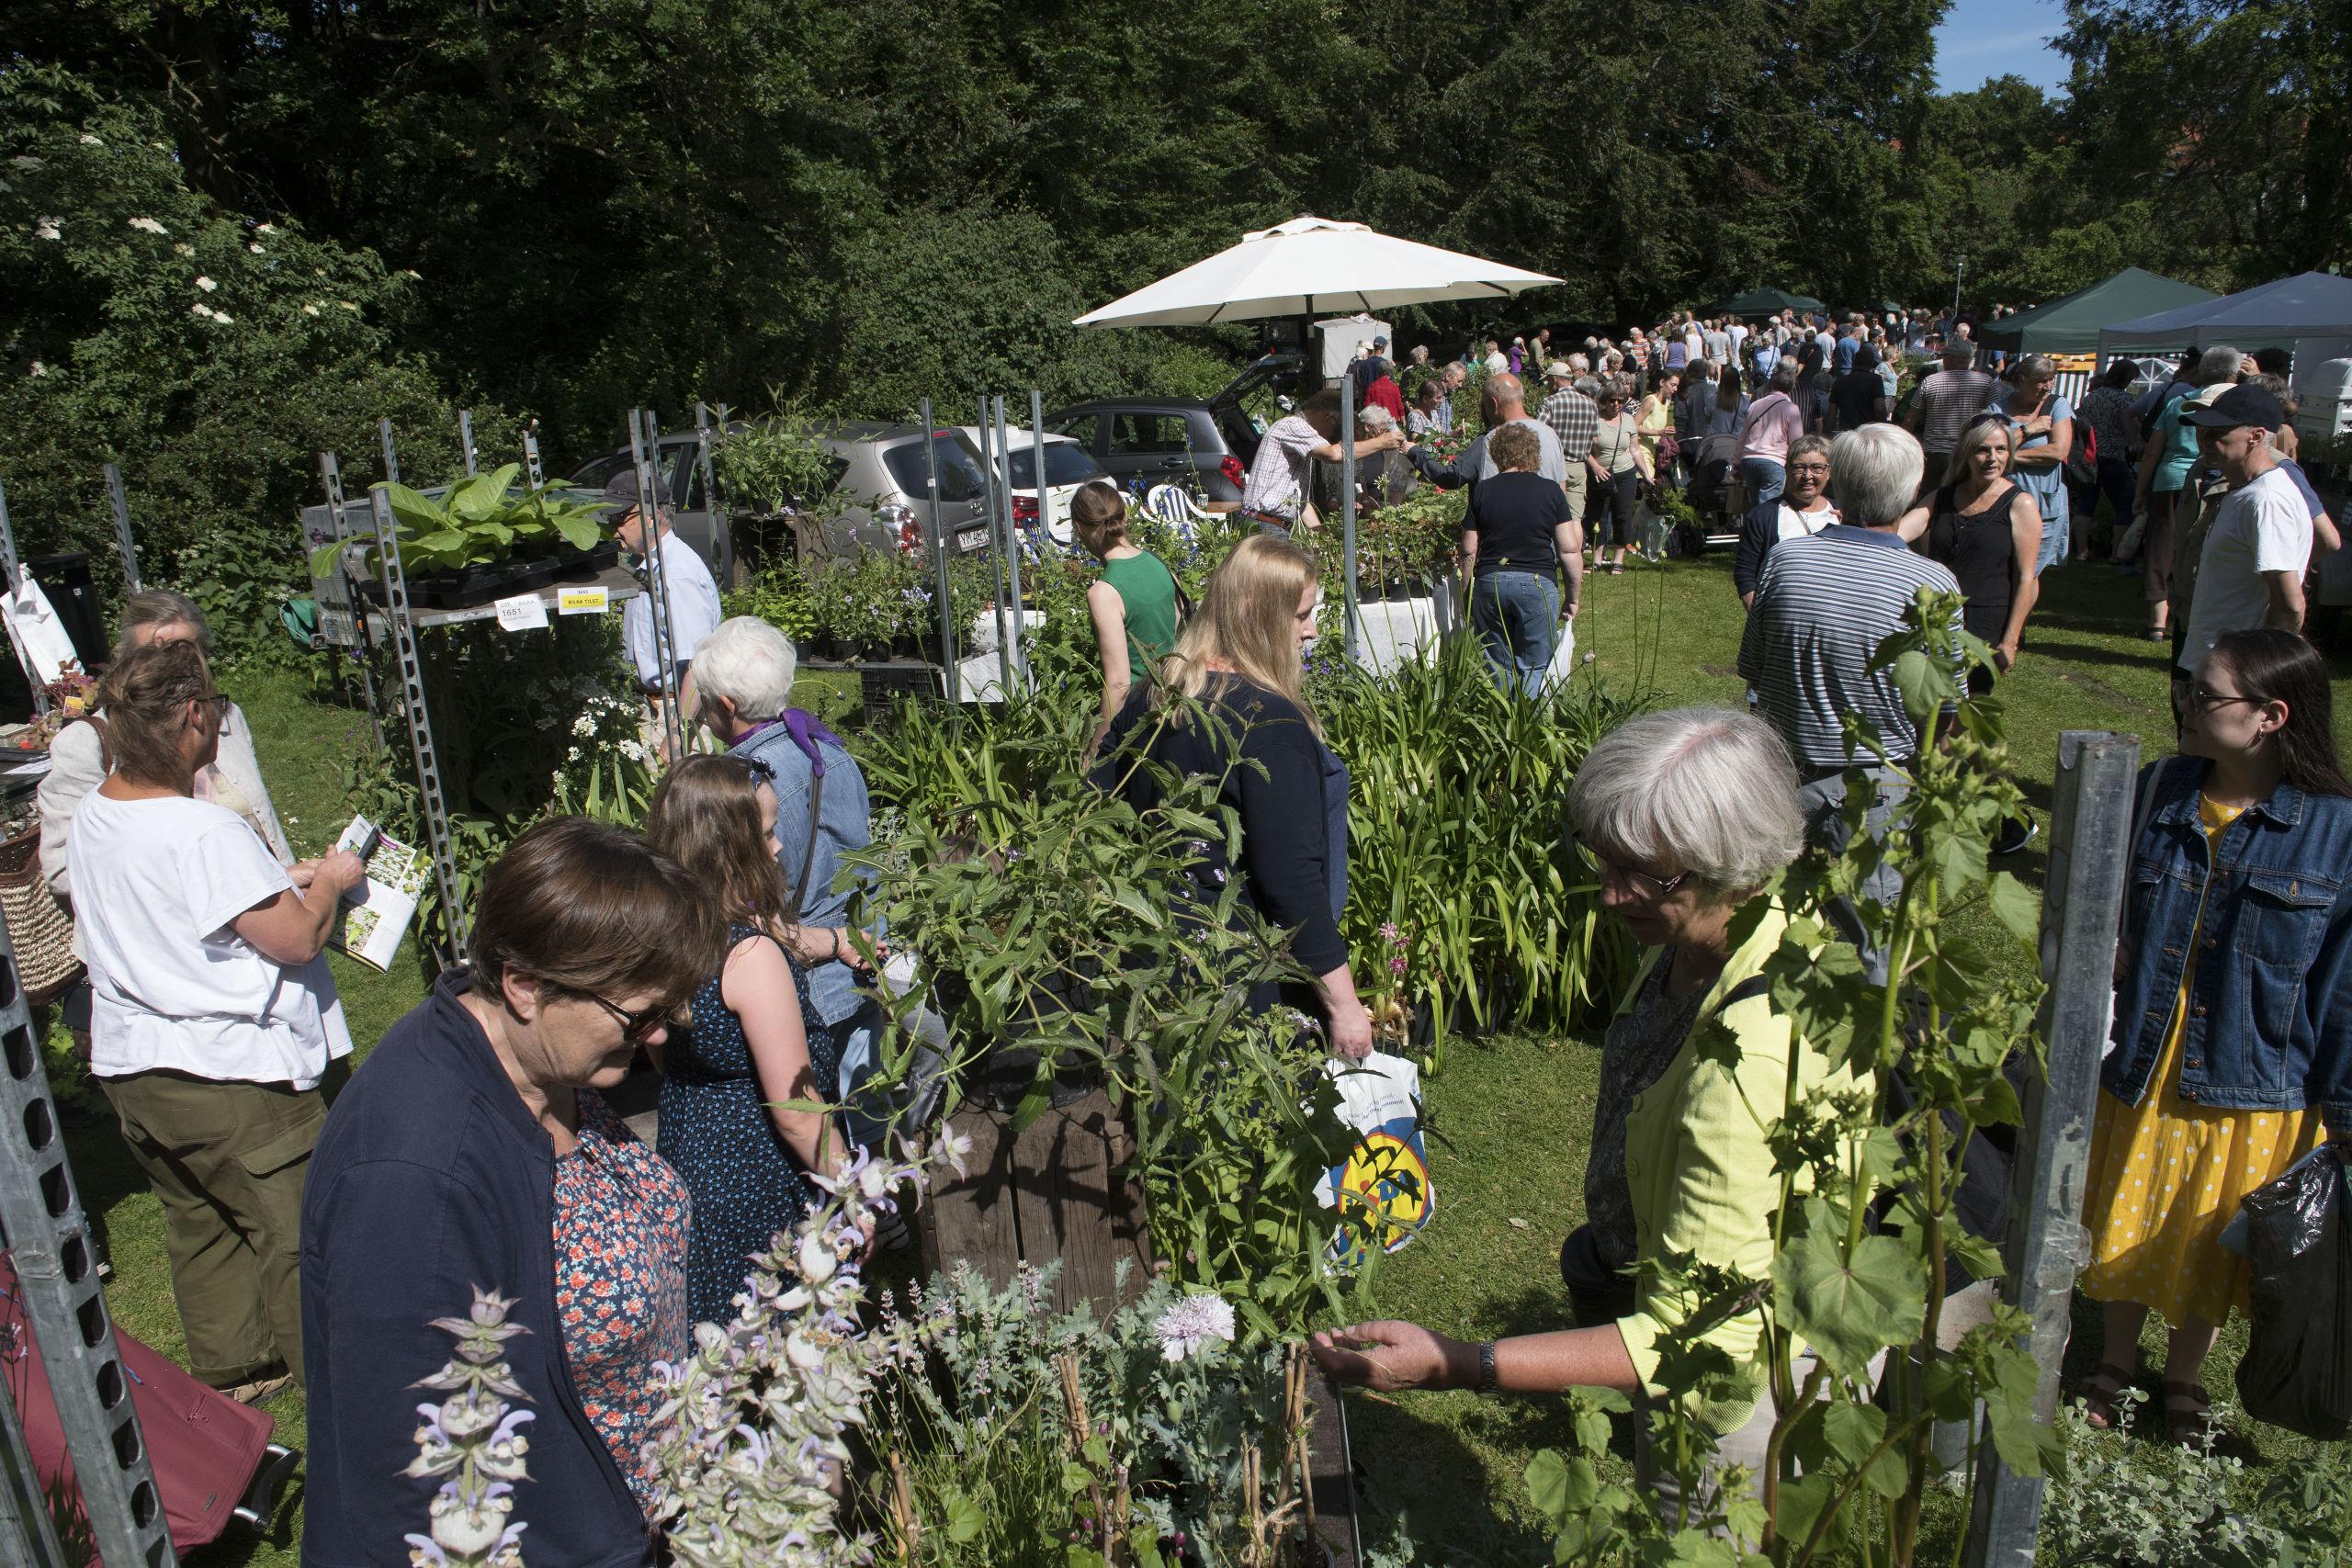 Populært havemarked vender tilbage - med fokus på bæredygtighed og genbrug